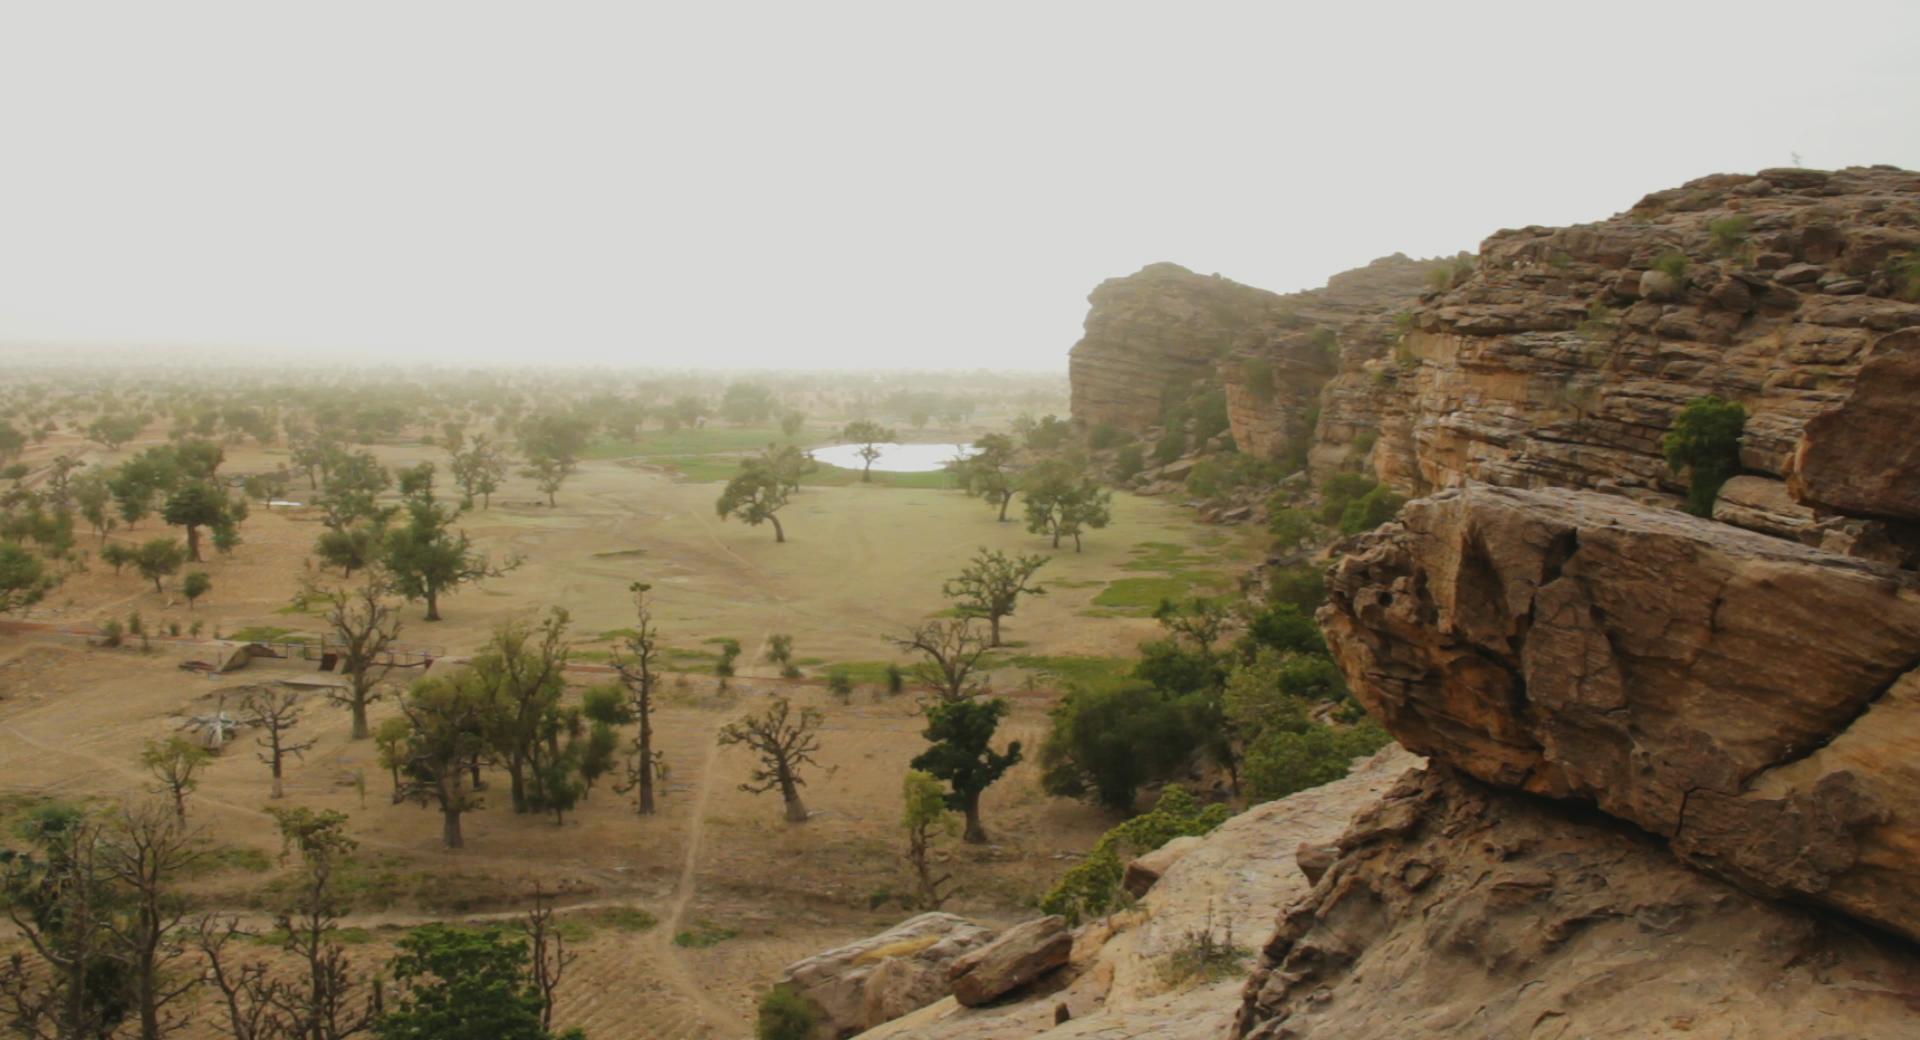 paisaje kanibonzon bandiagara dogon pablocaminante - Malí 6, País Dogon III: Acantilados de Bandiagara